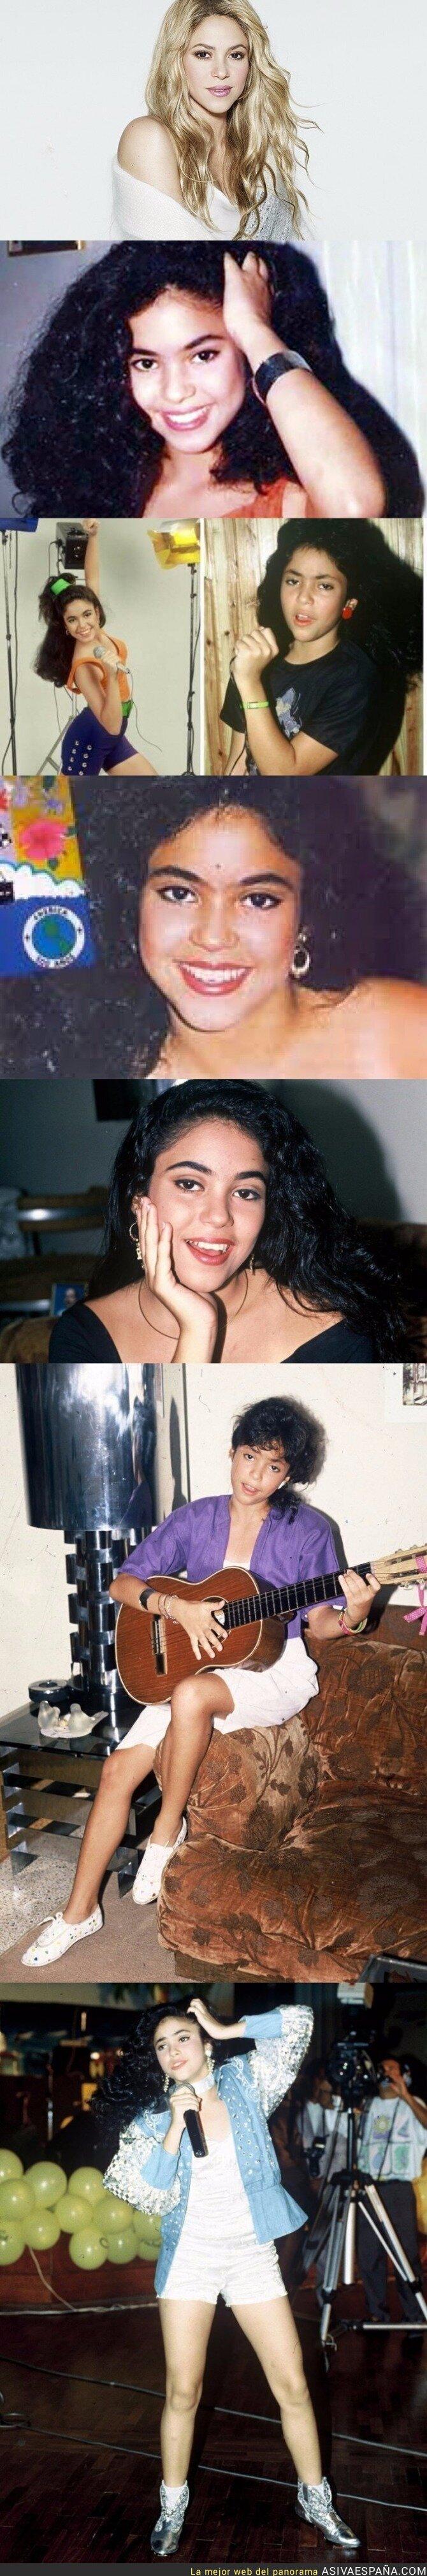 67313 - Las fotos del antes de Shakira que demuestra que se ha marcado un